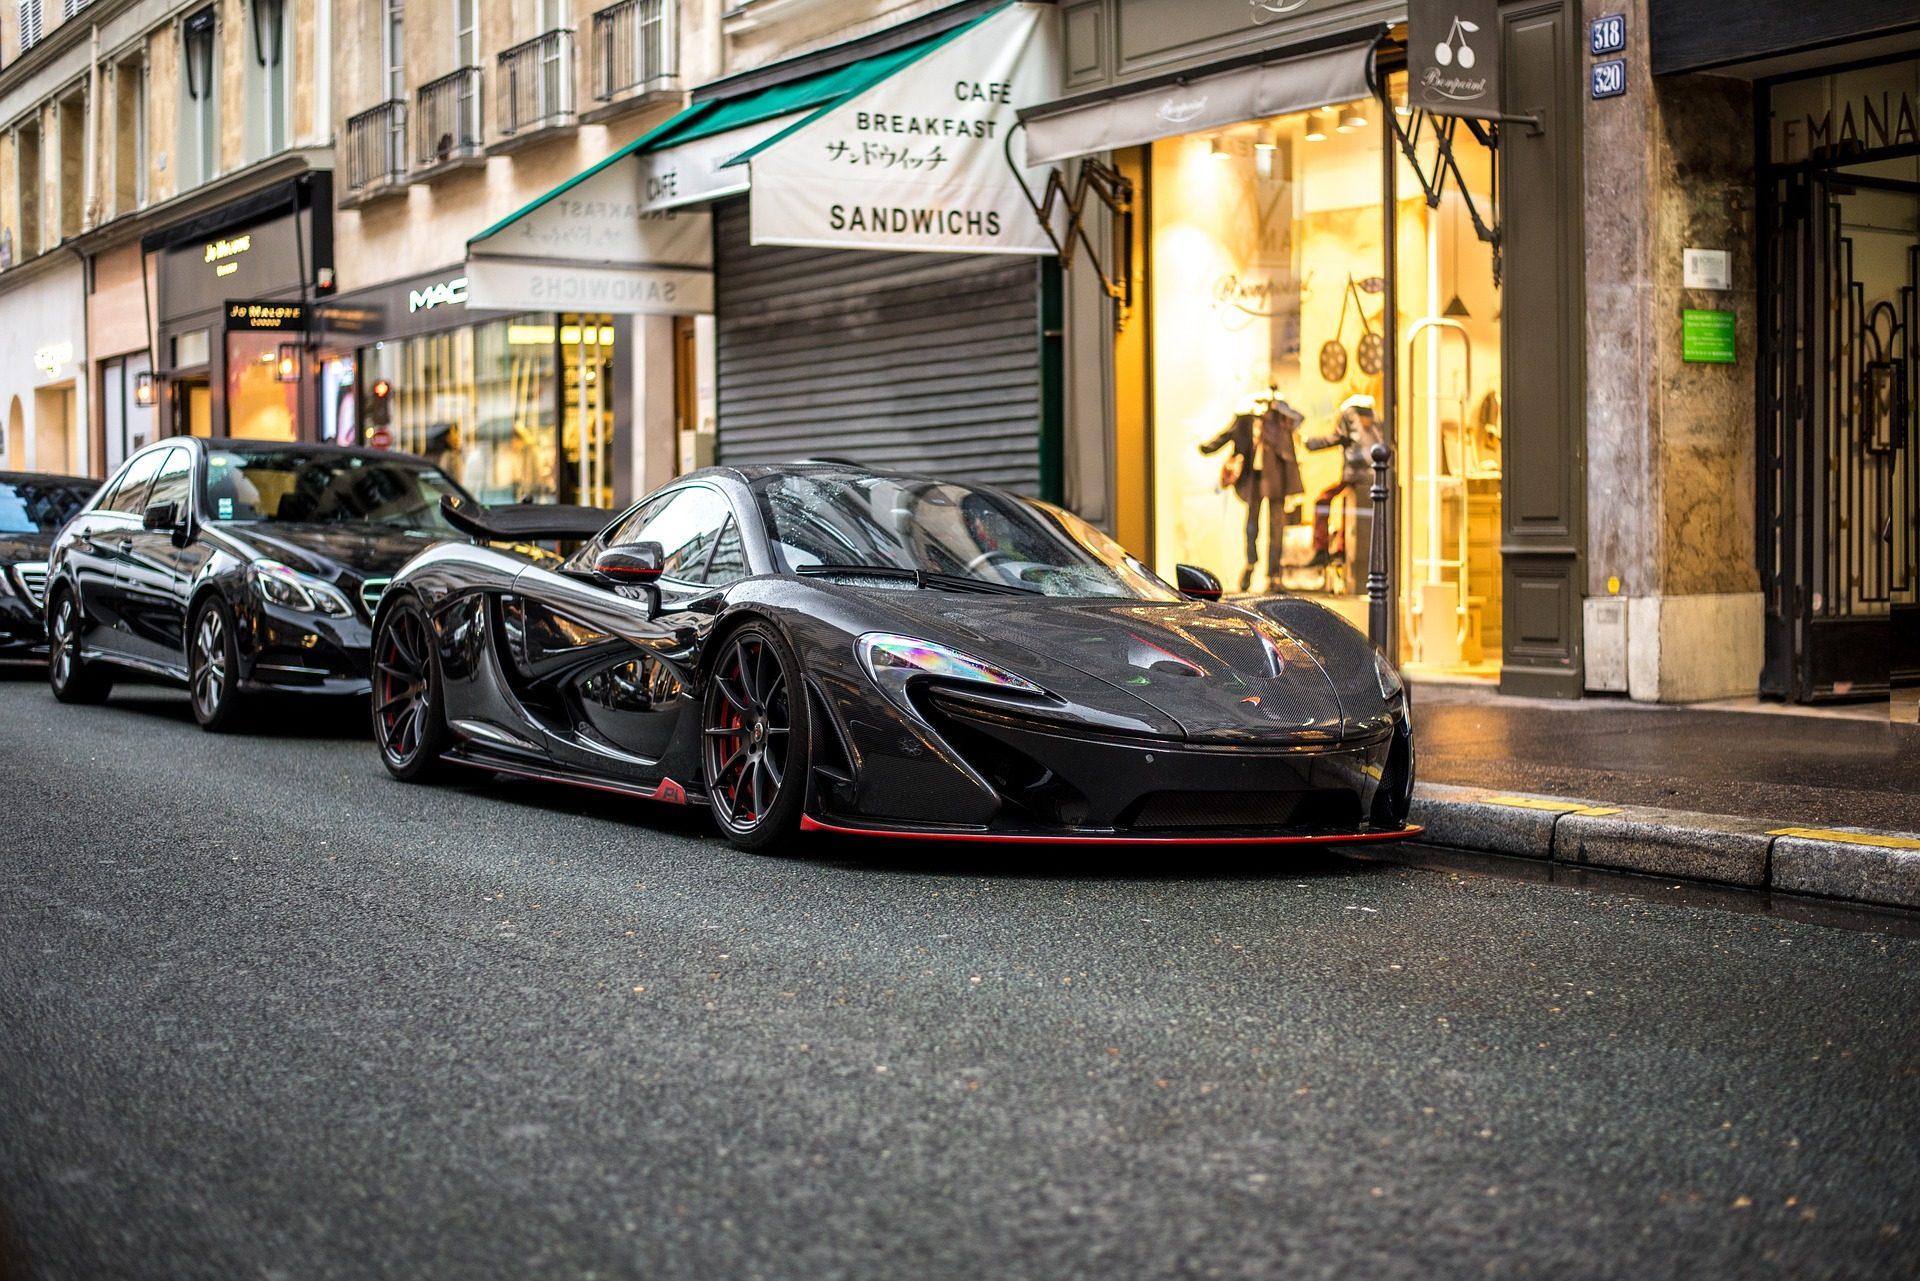 McLaren, автомобиль, роскошь, виды спорта, яркость, Технология - Обои HD - Профессор falken.com